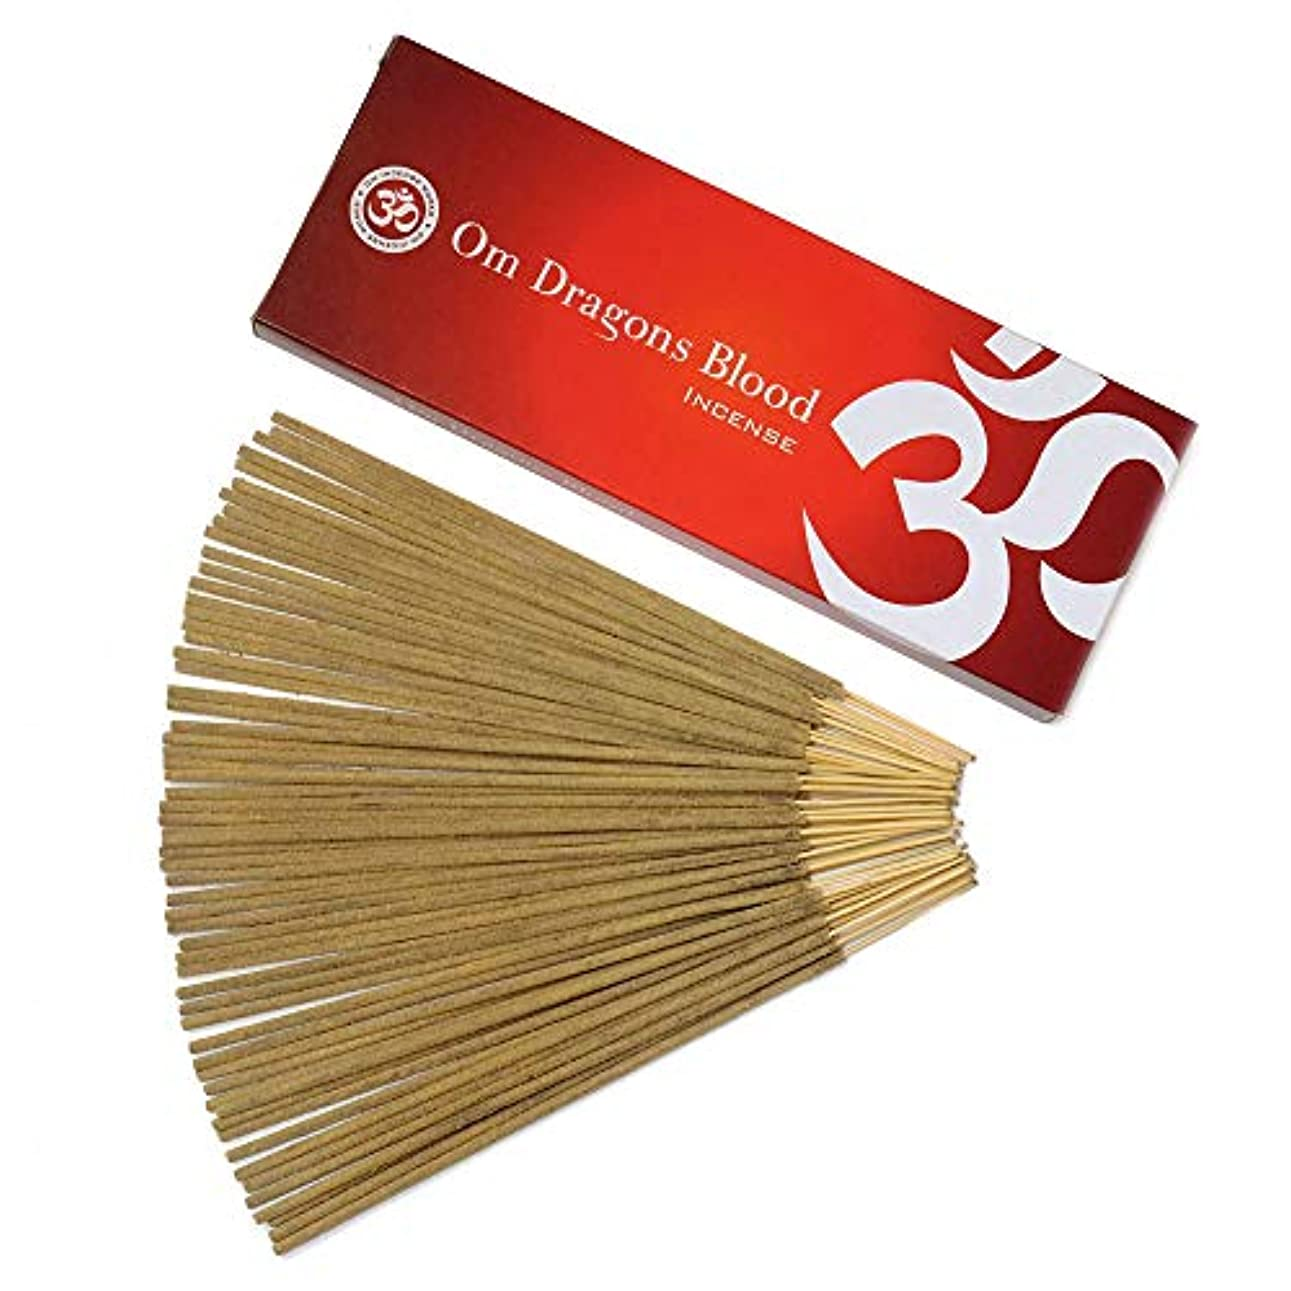 トリップレンジ崩壊Om Incense Works Natural Fragrance Incense Sticks 100グラム 709733007088